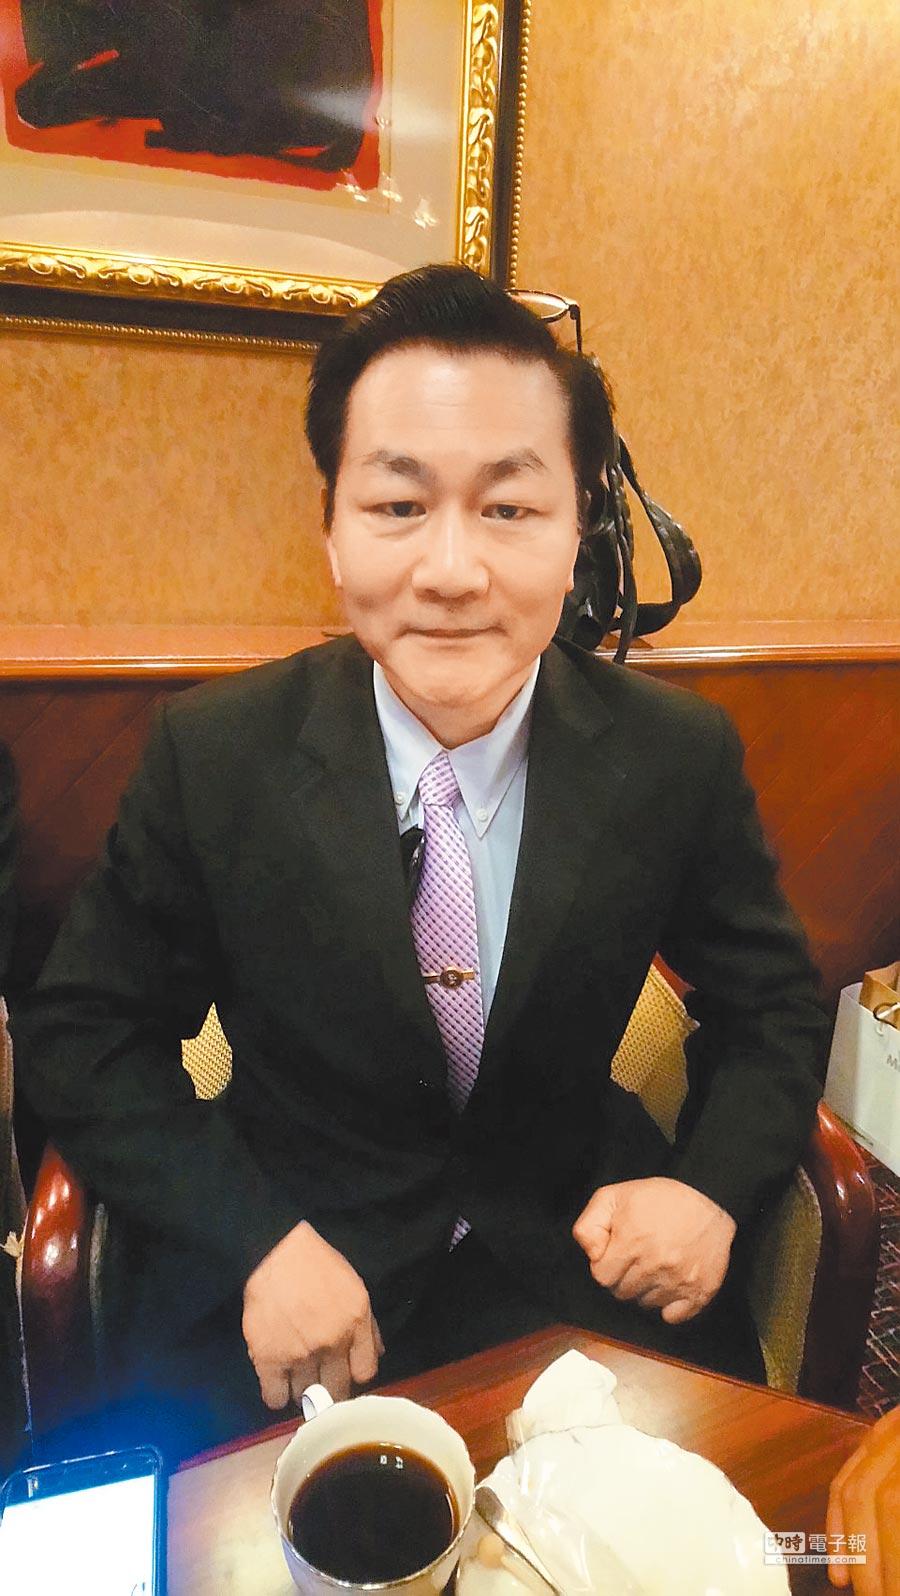 蘇州竹原科技董事長陳祖望。(記者楊家鑫攝)